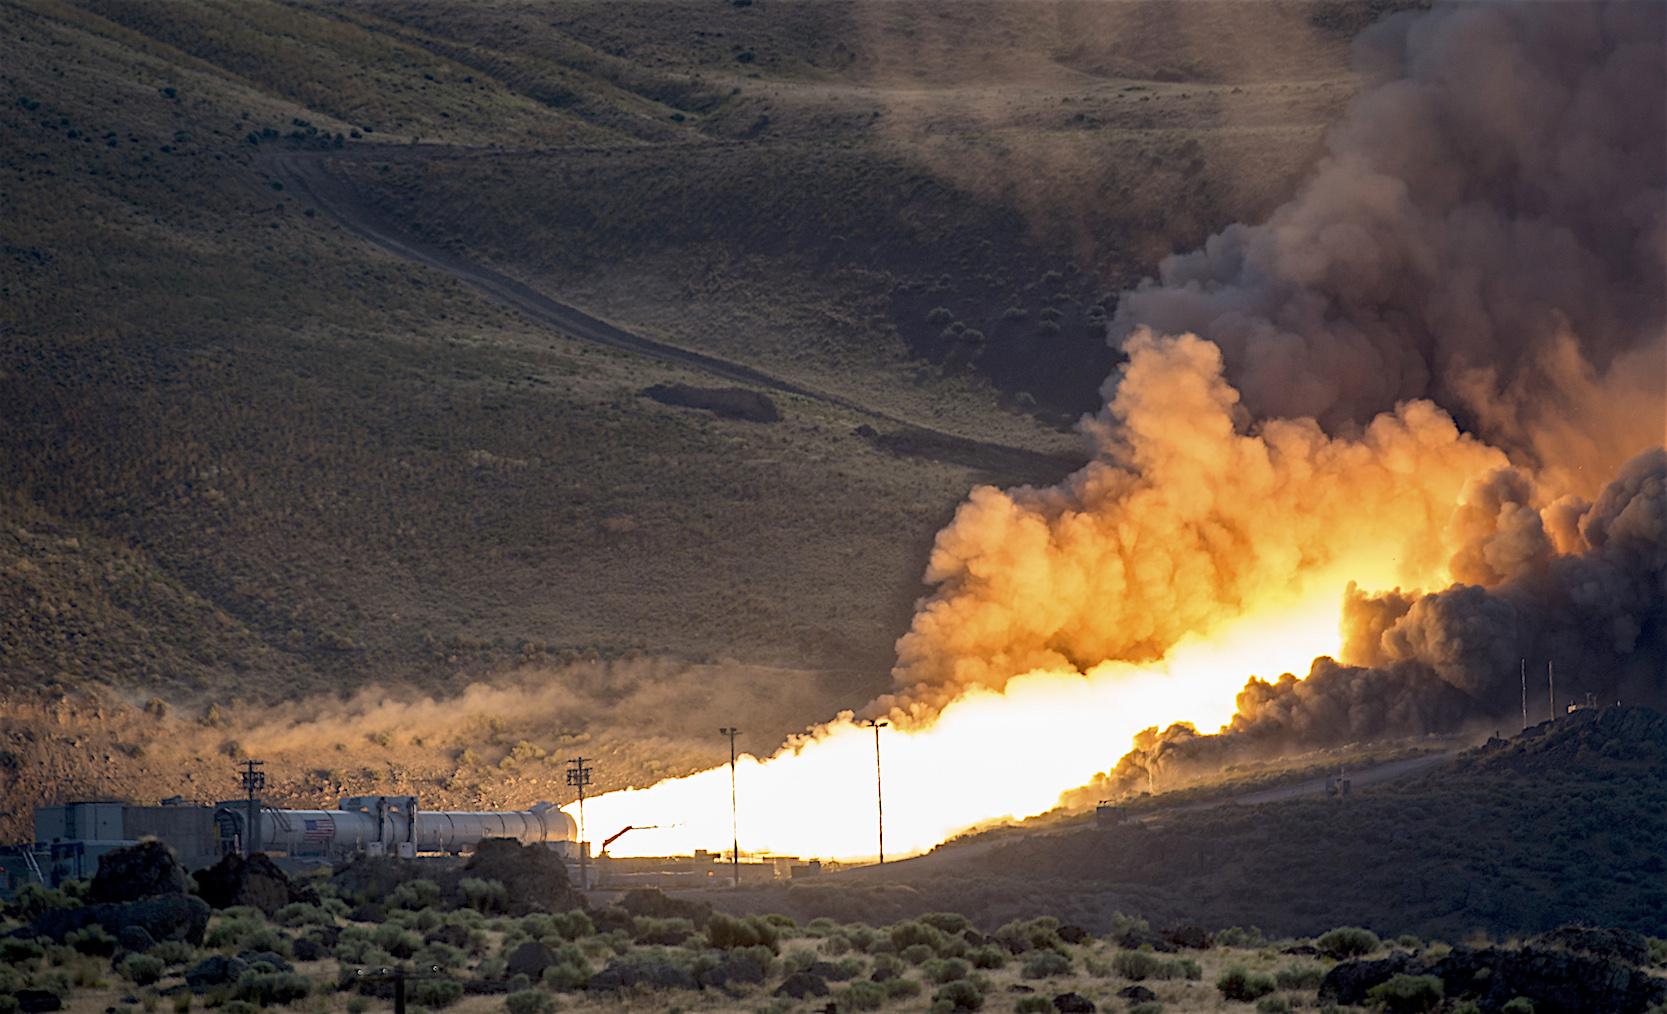 Test der Raketentriebwerke: 2016 wurden die Triebwerke der SLS-Rakete in der Wüste einem Härtetest unterzogen.